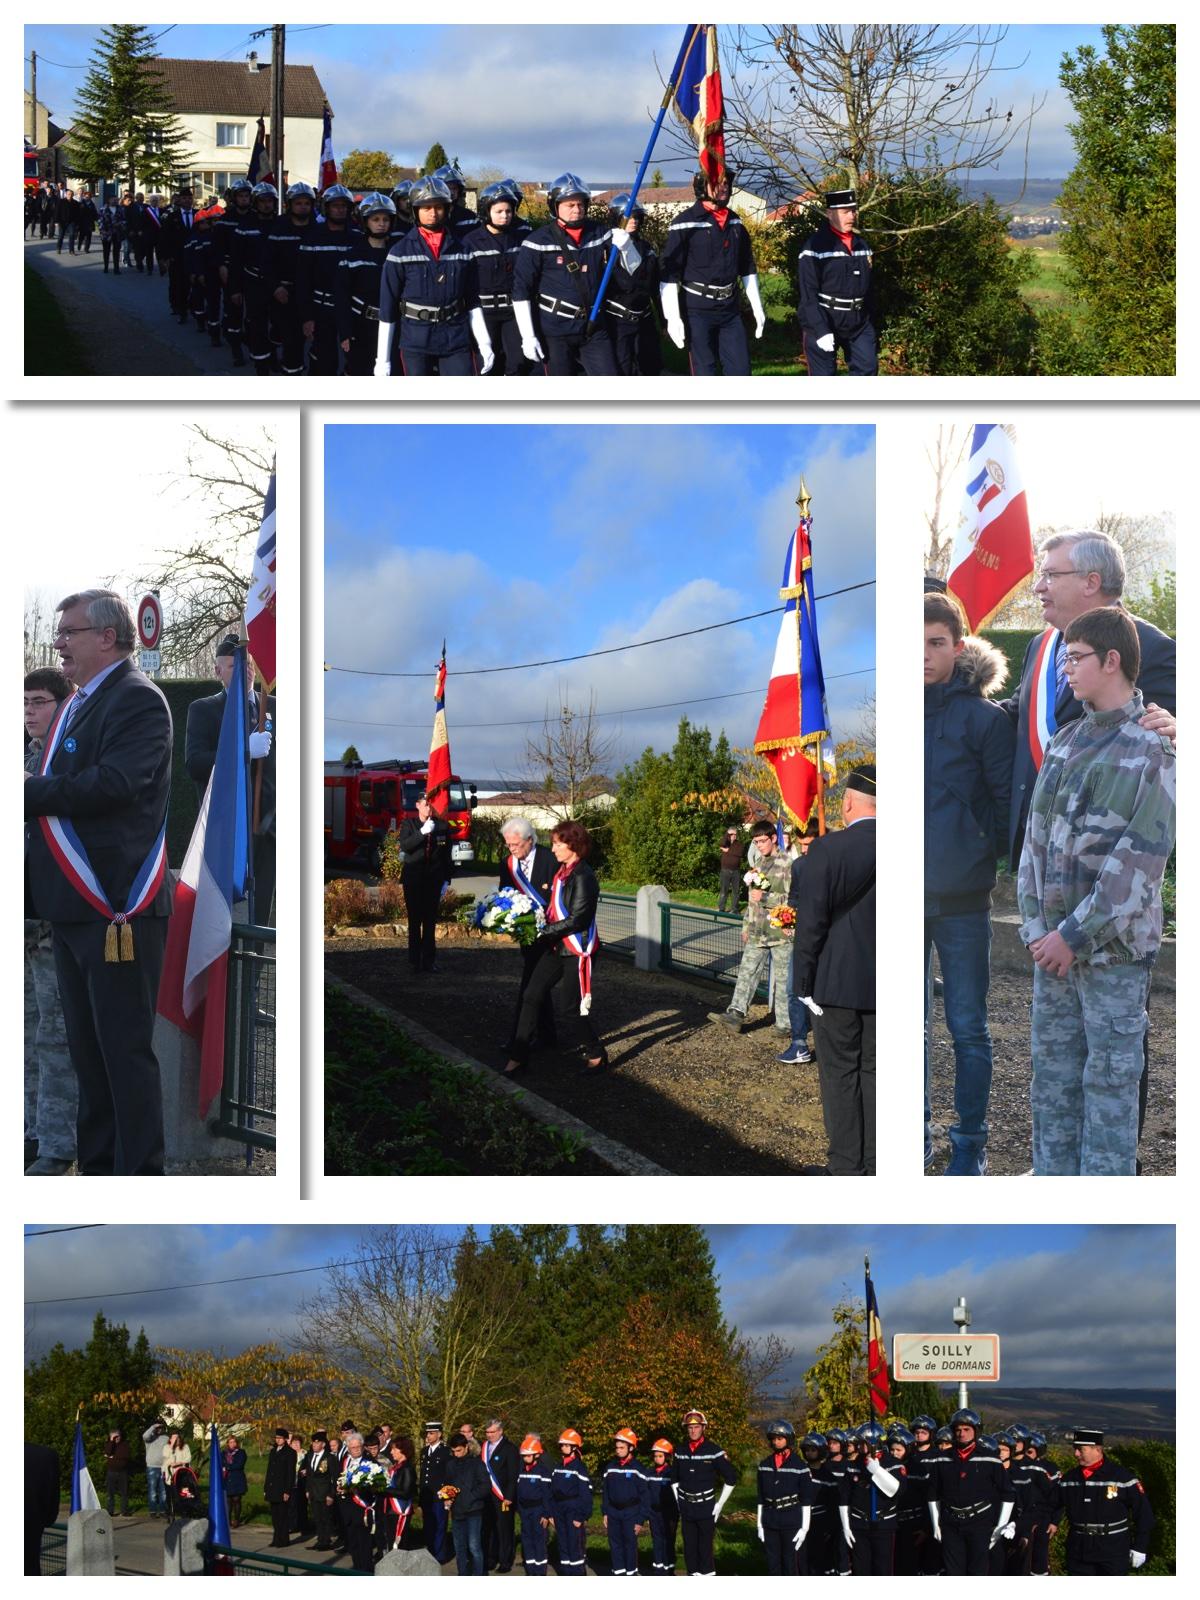 montage de photos de la cérémonie du 11 novembre 2015 à Soilly